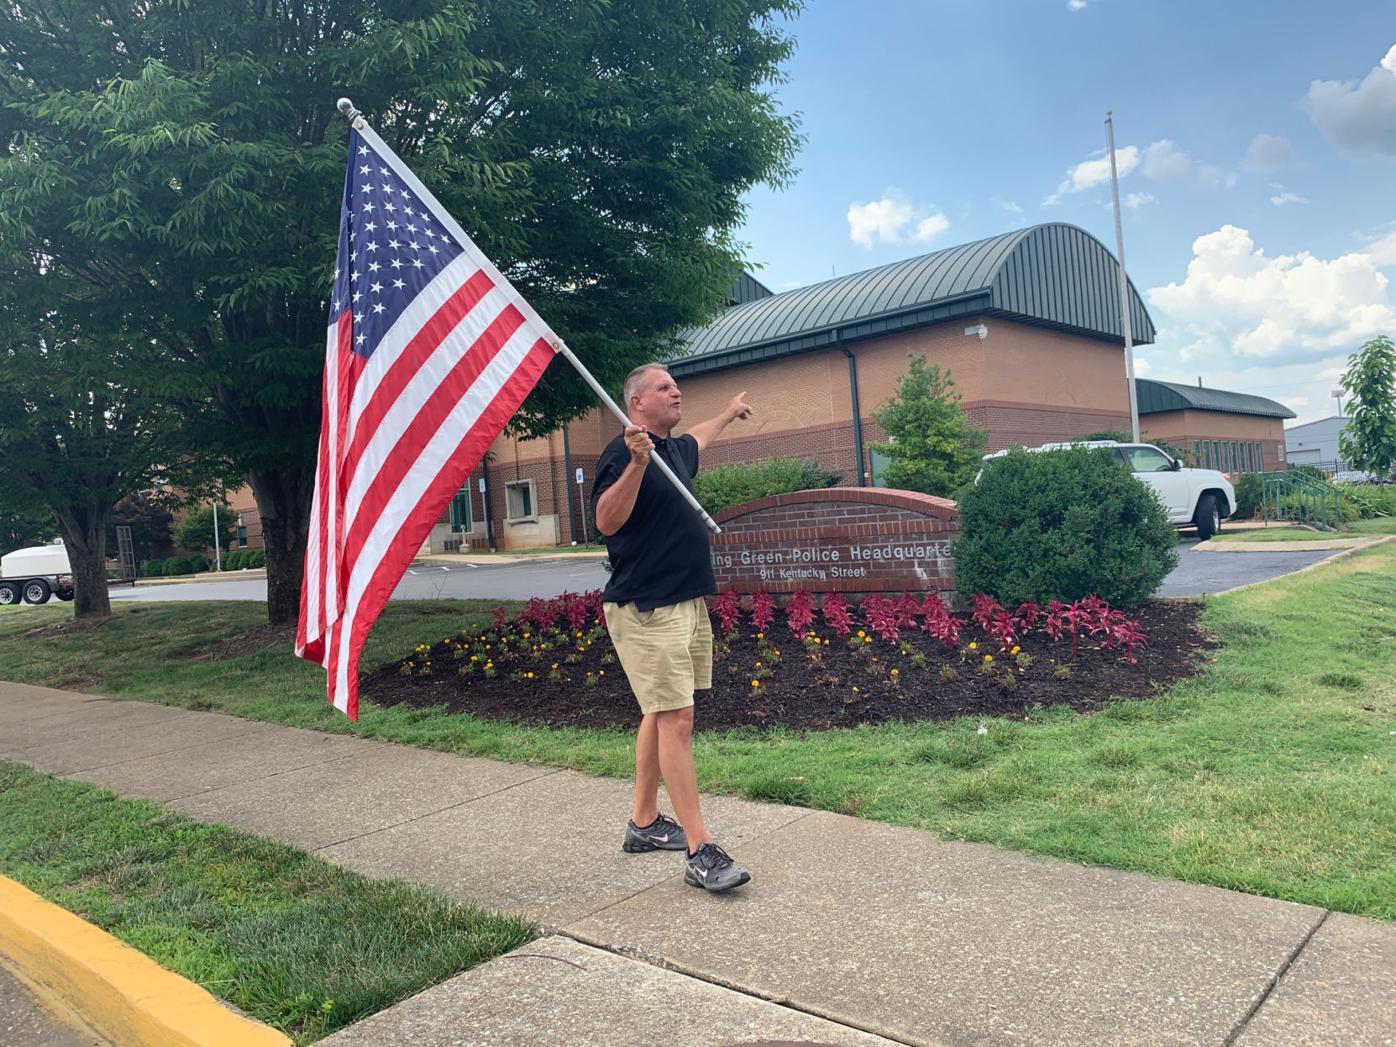 Flag guy